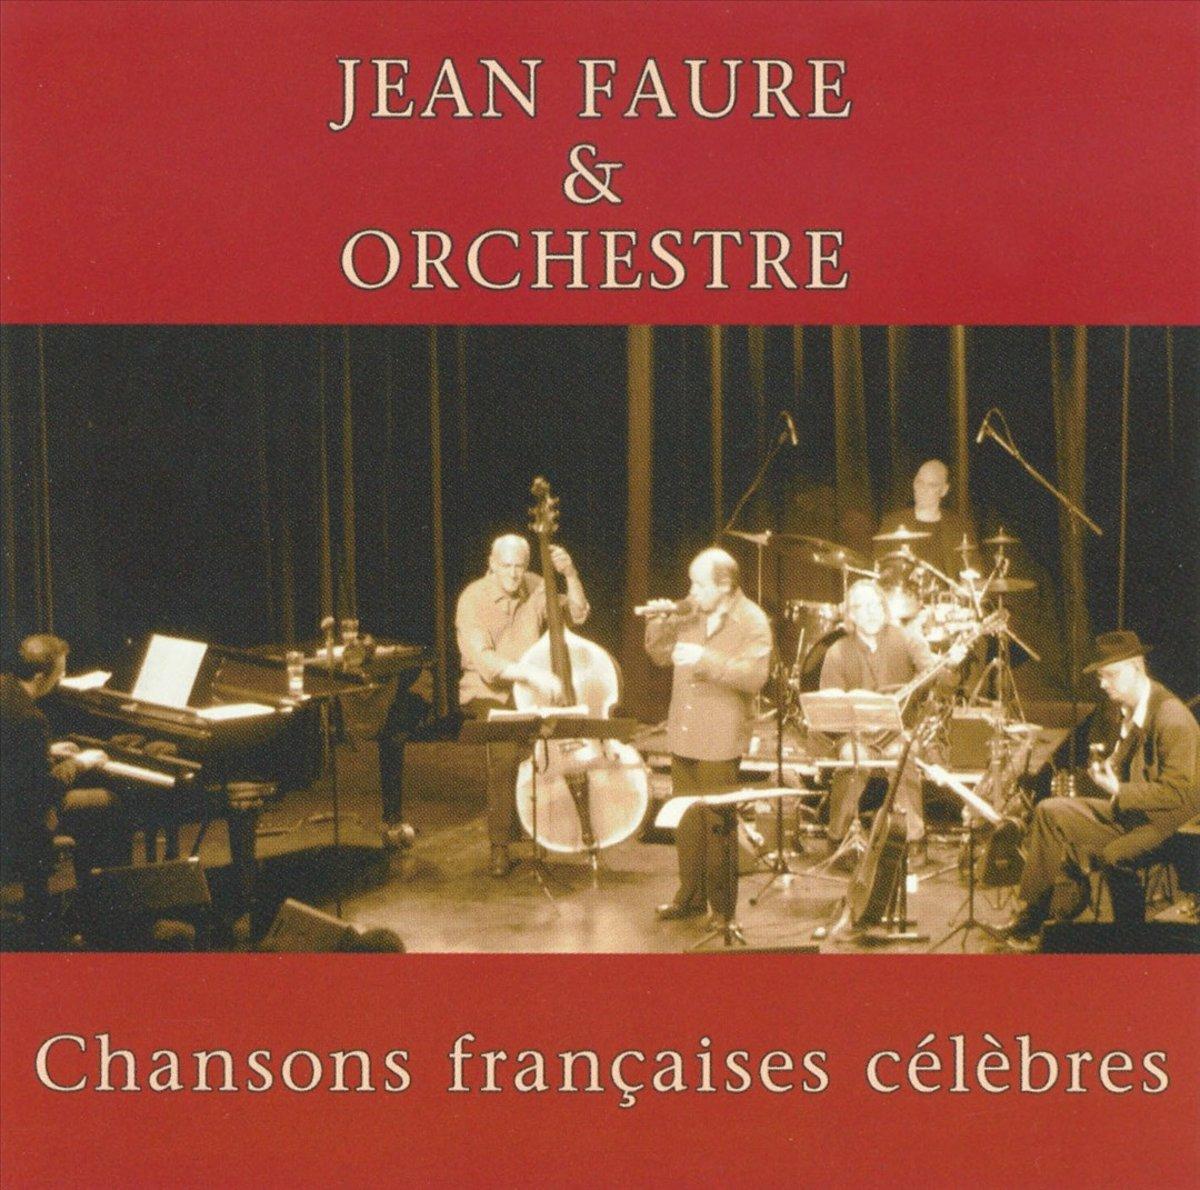 Фото - Jean Faure,Orchestre Jean Faure & Orchestre. Chansons Francaises Celebres jean paul gaultier le male